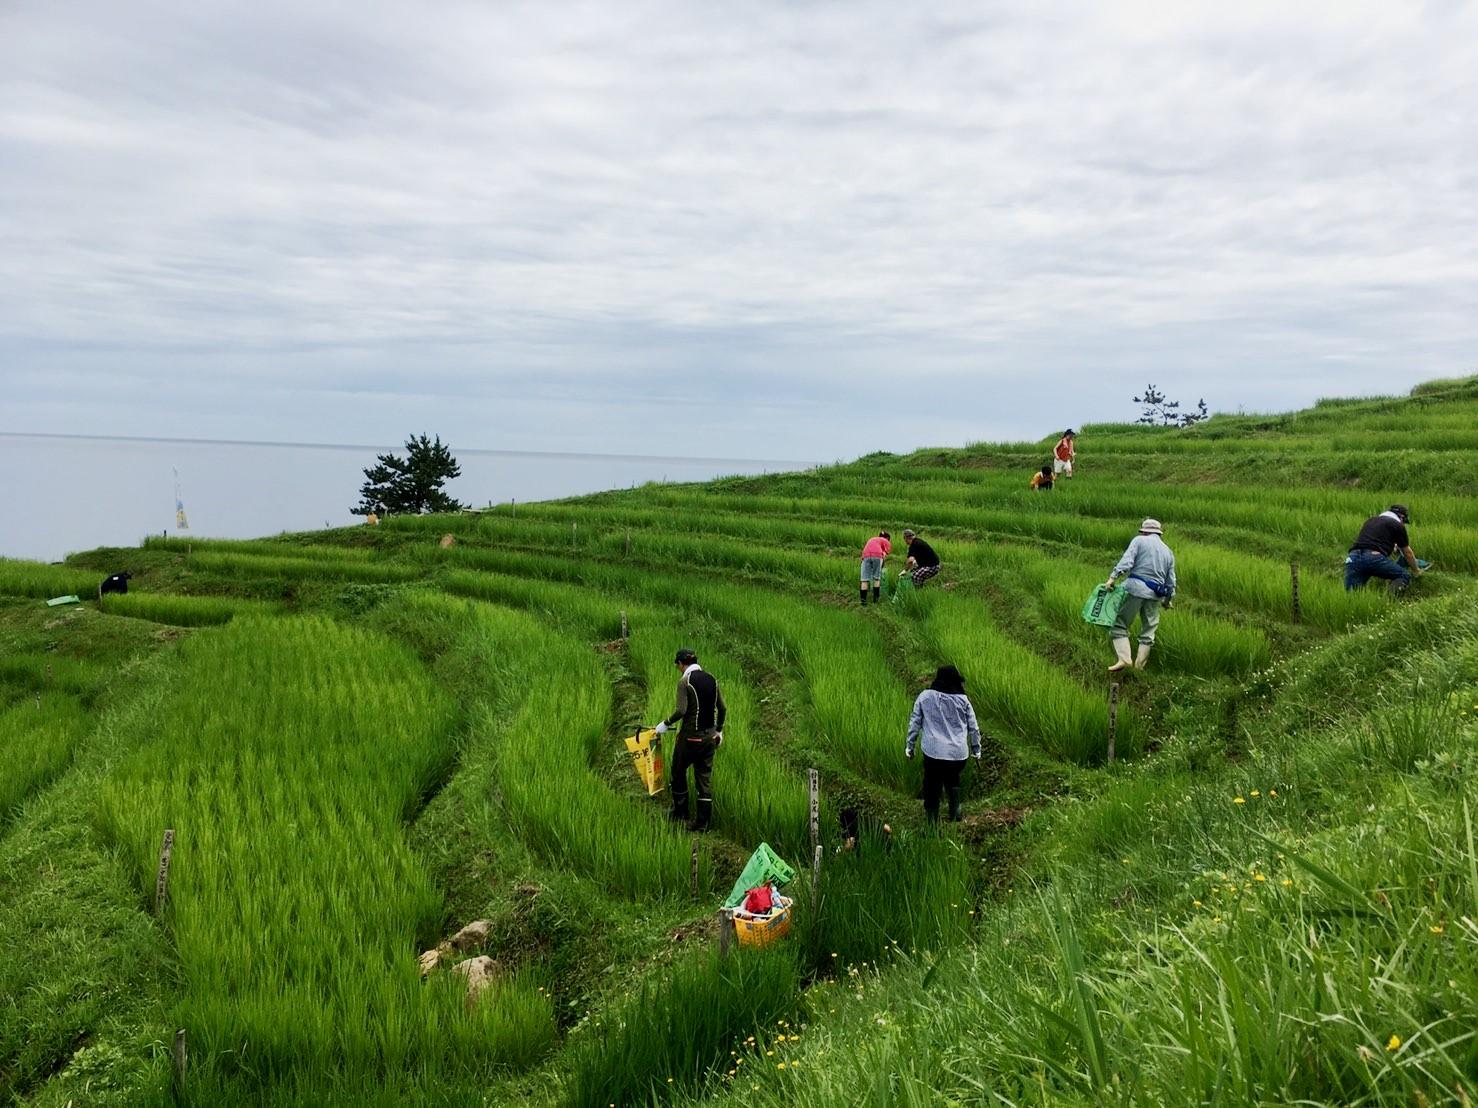 今日の白米千枚田は、オーナーの方がたが草刈りを行っています。